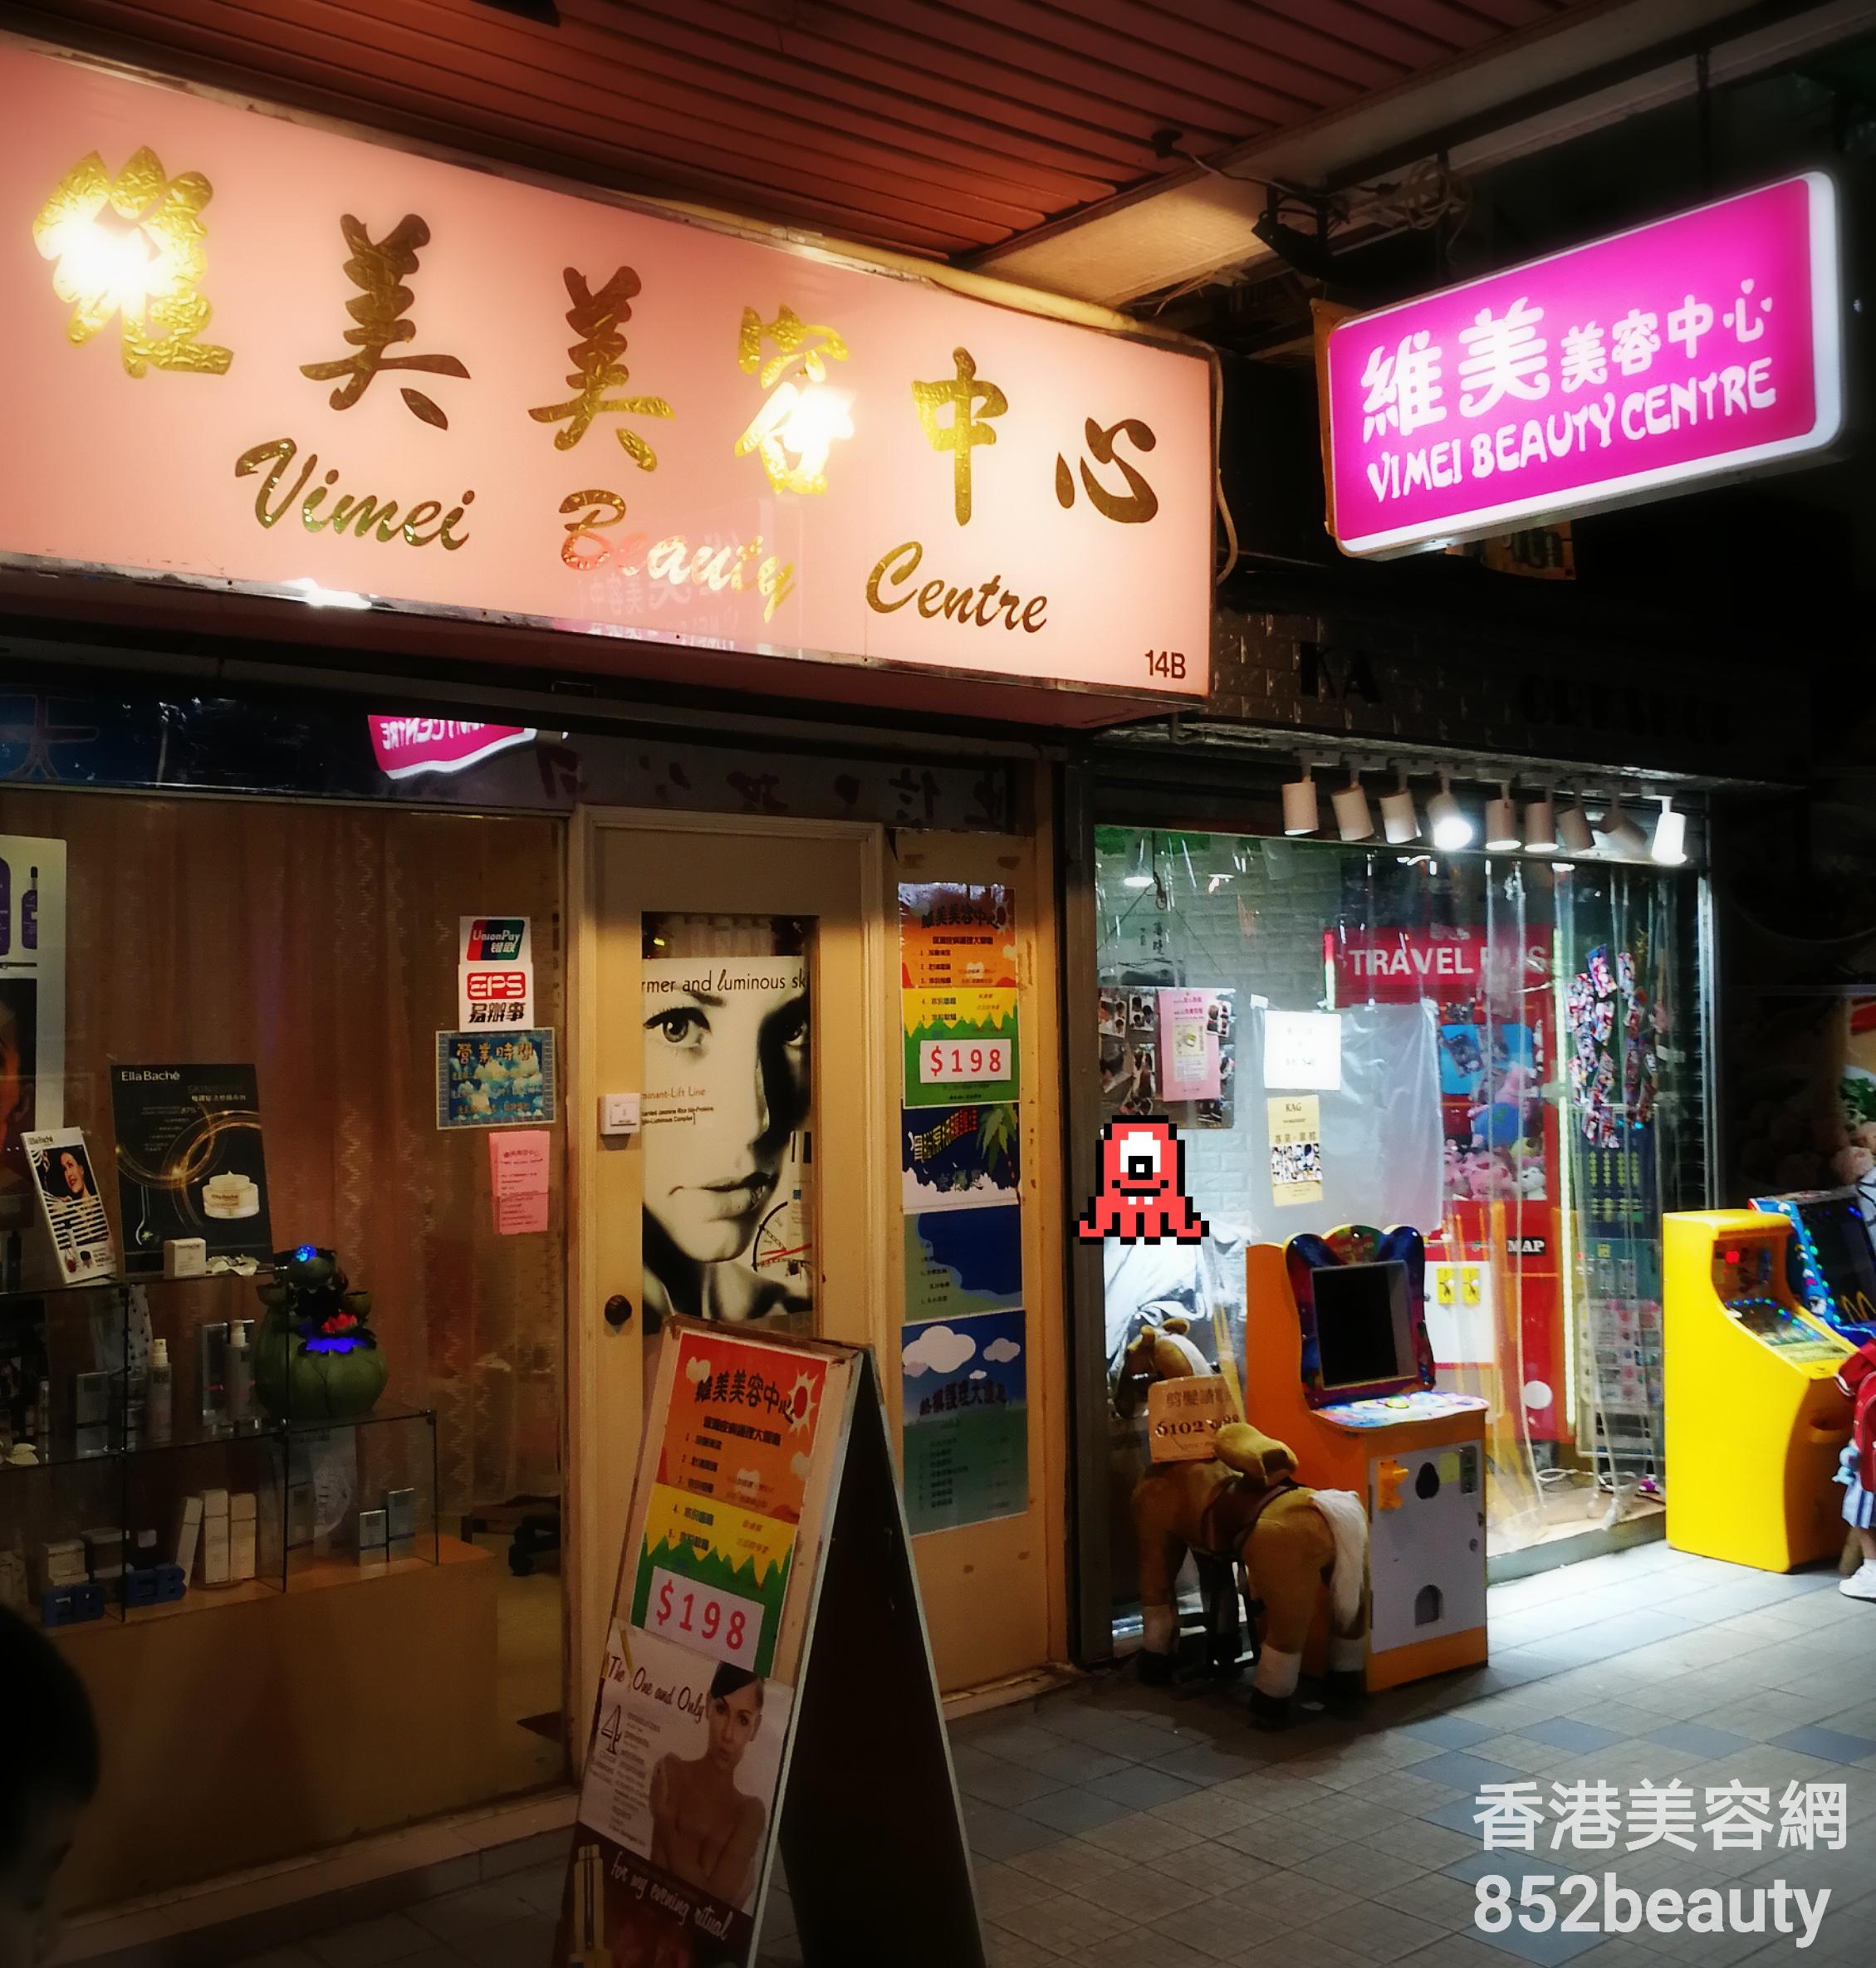 香港美容院 美容師 : 維美美容中心 @青年創業軍